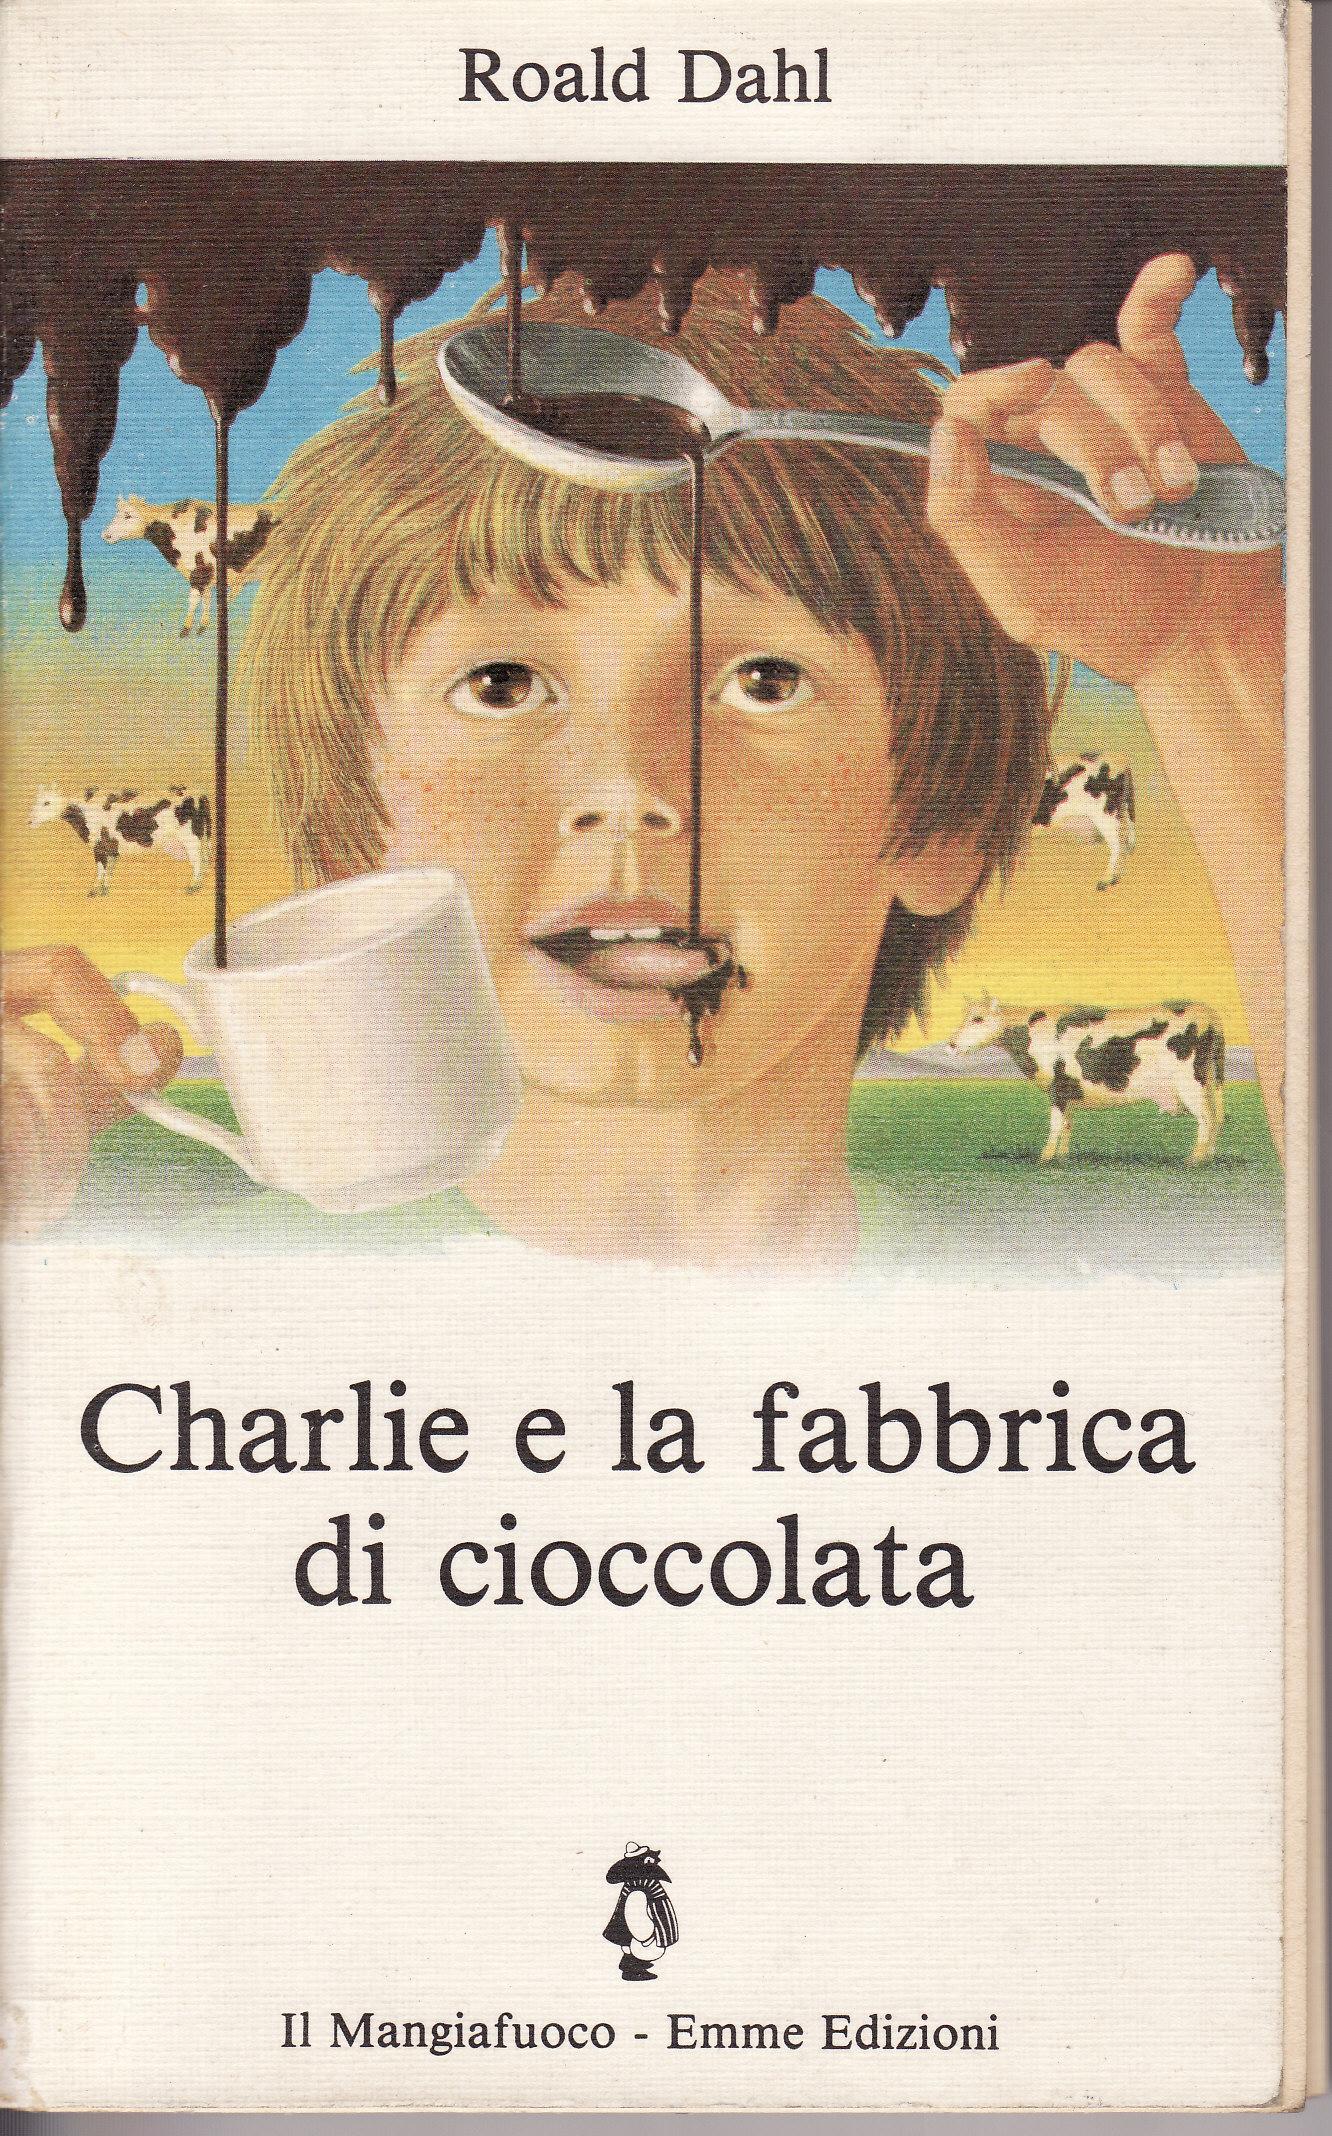 Charlie e la fabbrica di cioccolata